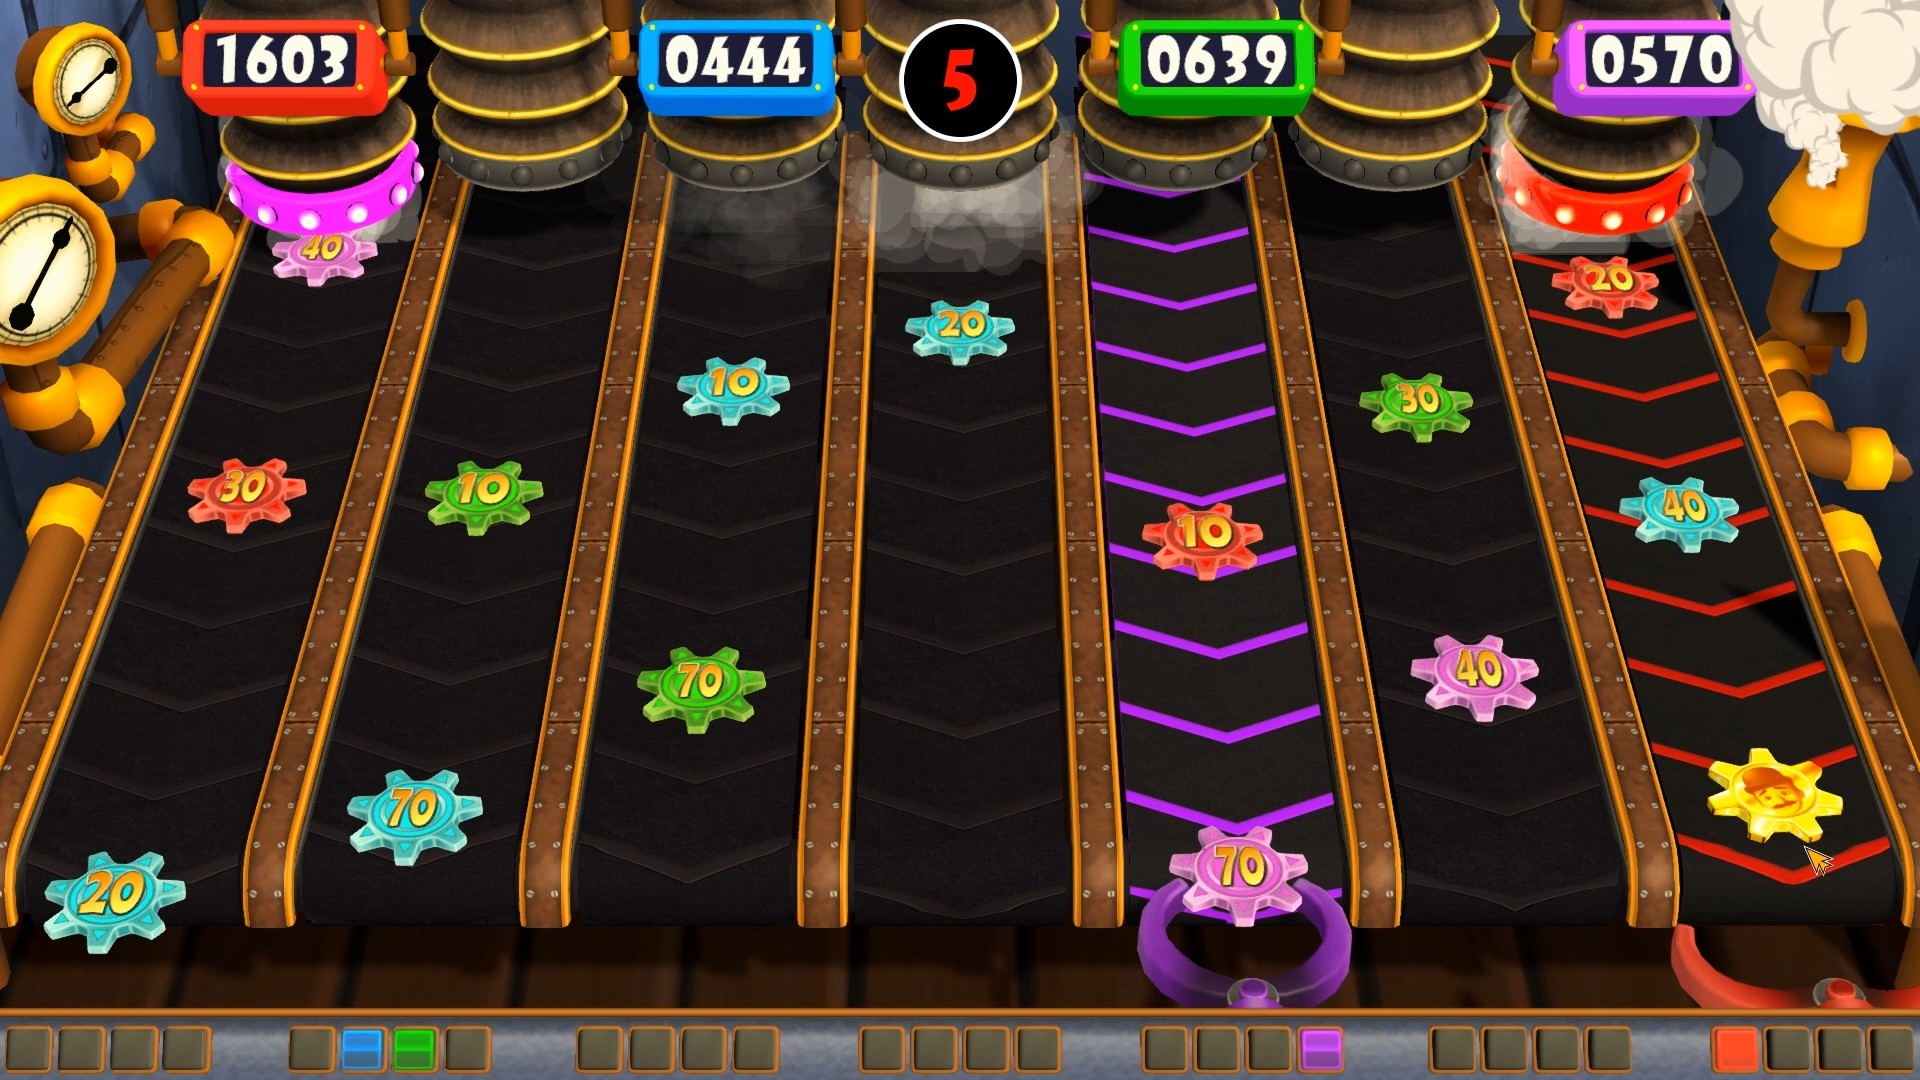 派对游戏《体感嘉年华》现已在Steam发售 支持中文和中文配音